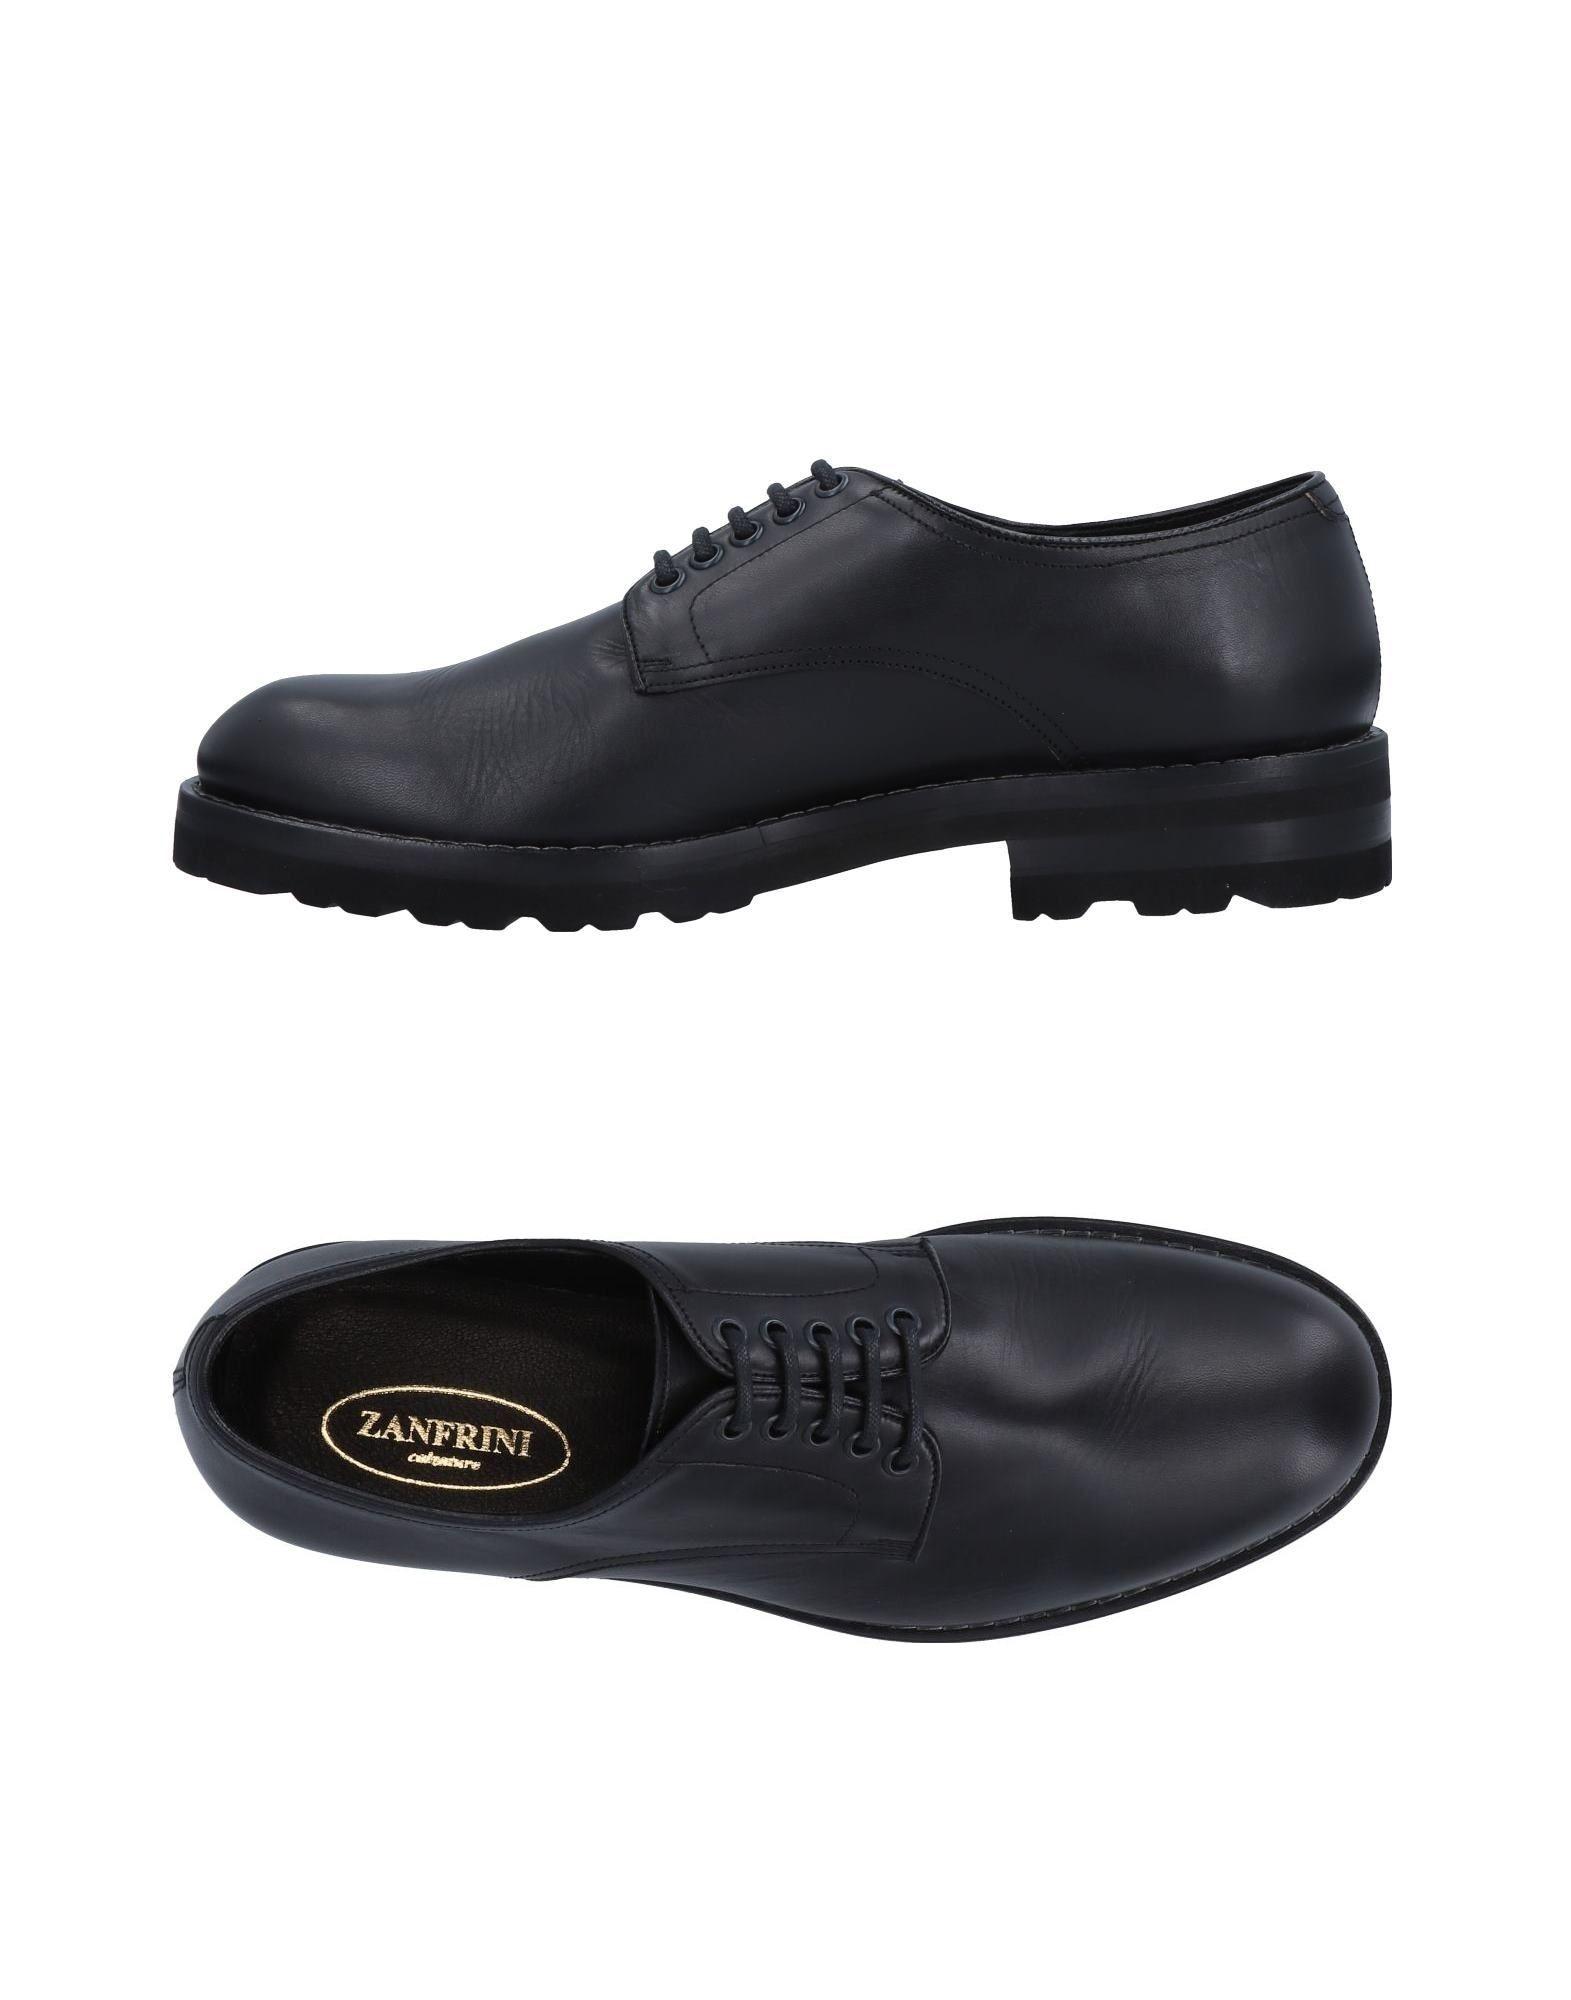 Zanfrini Cantù Schnürschuhe Herren  11518781JO Neue Schuhe